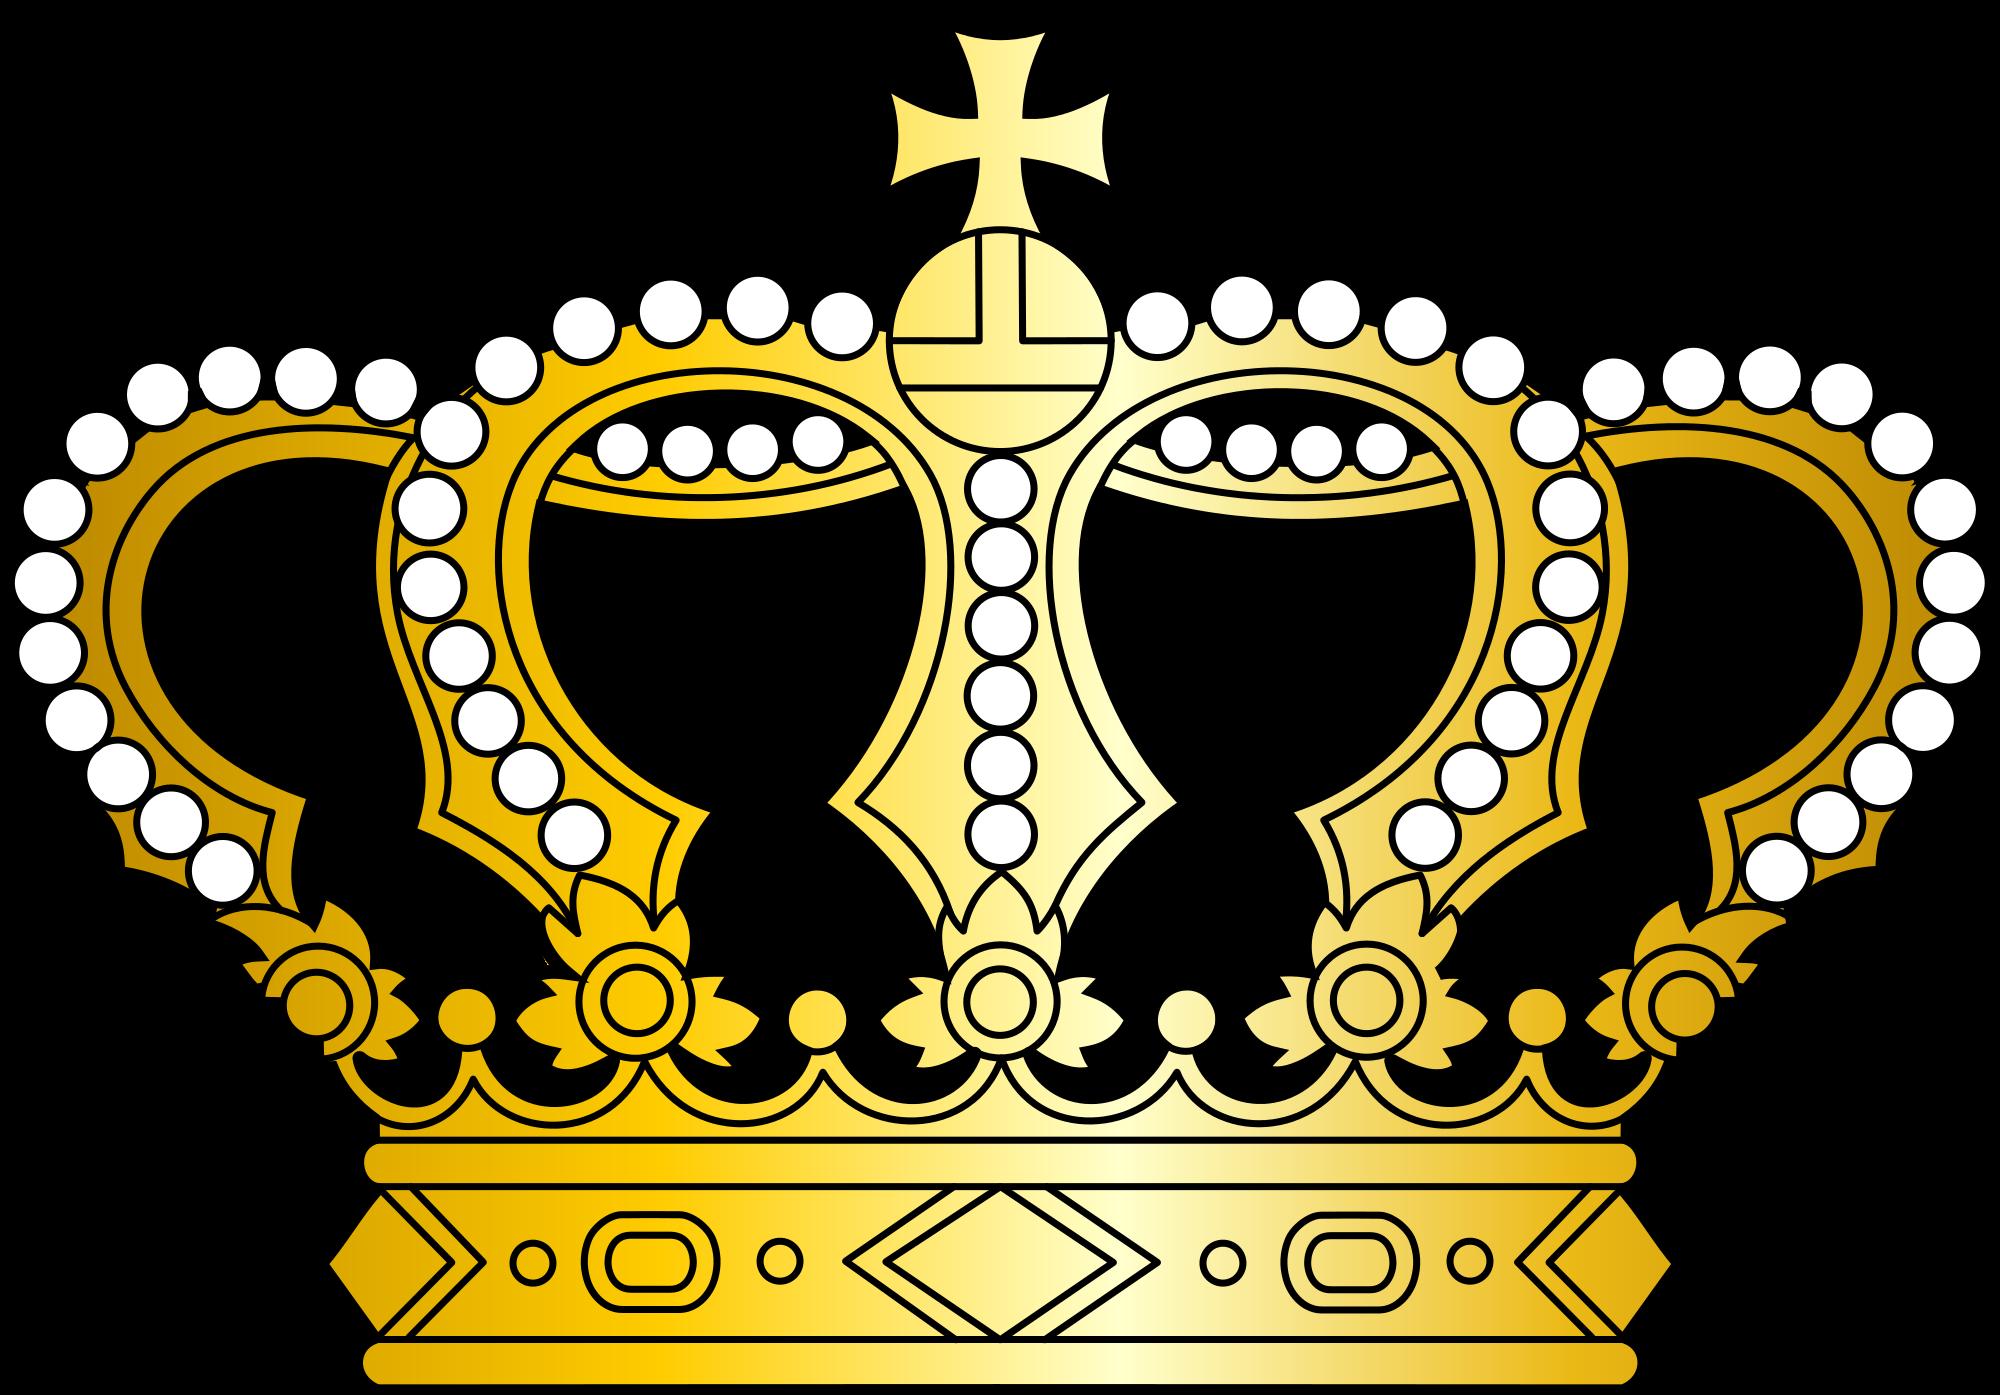 Crown golden crown